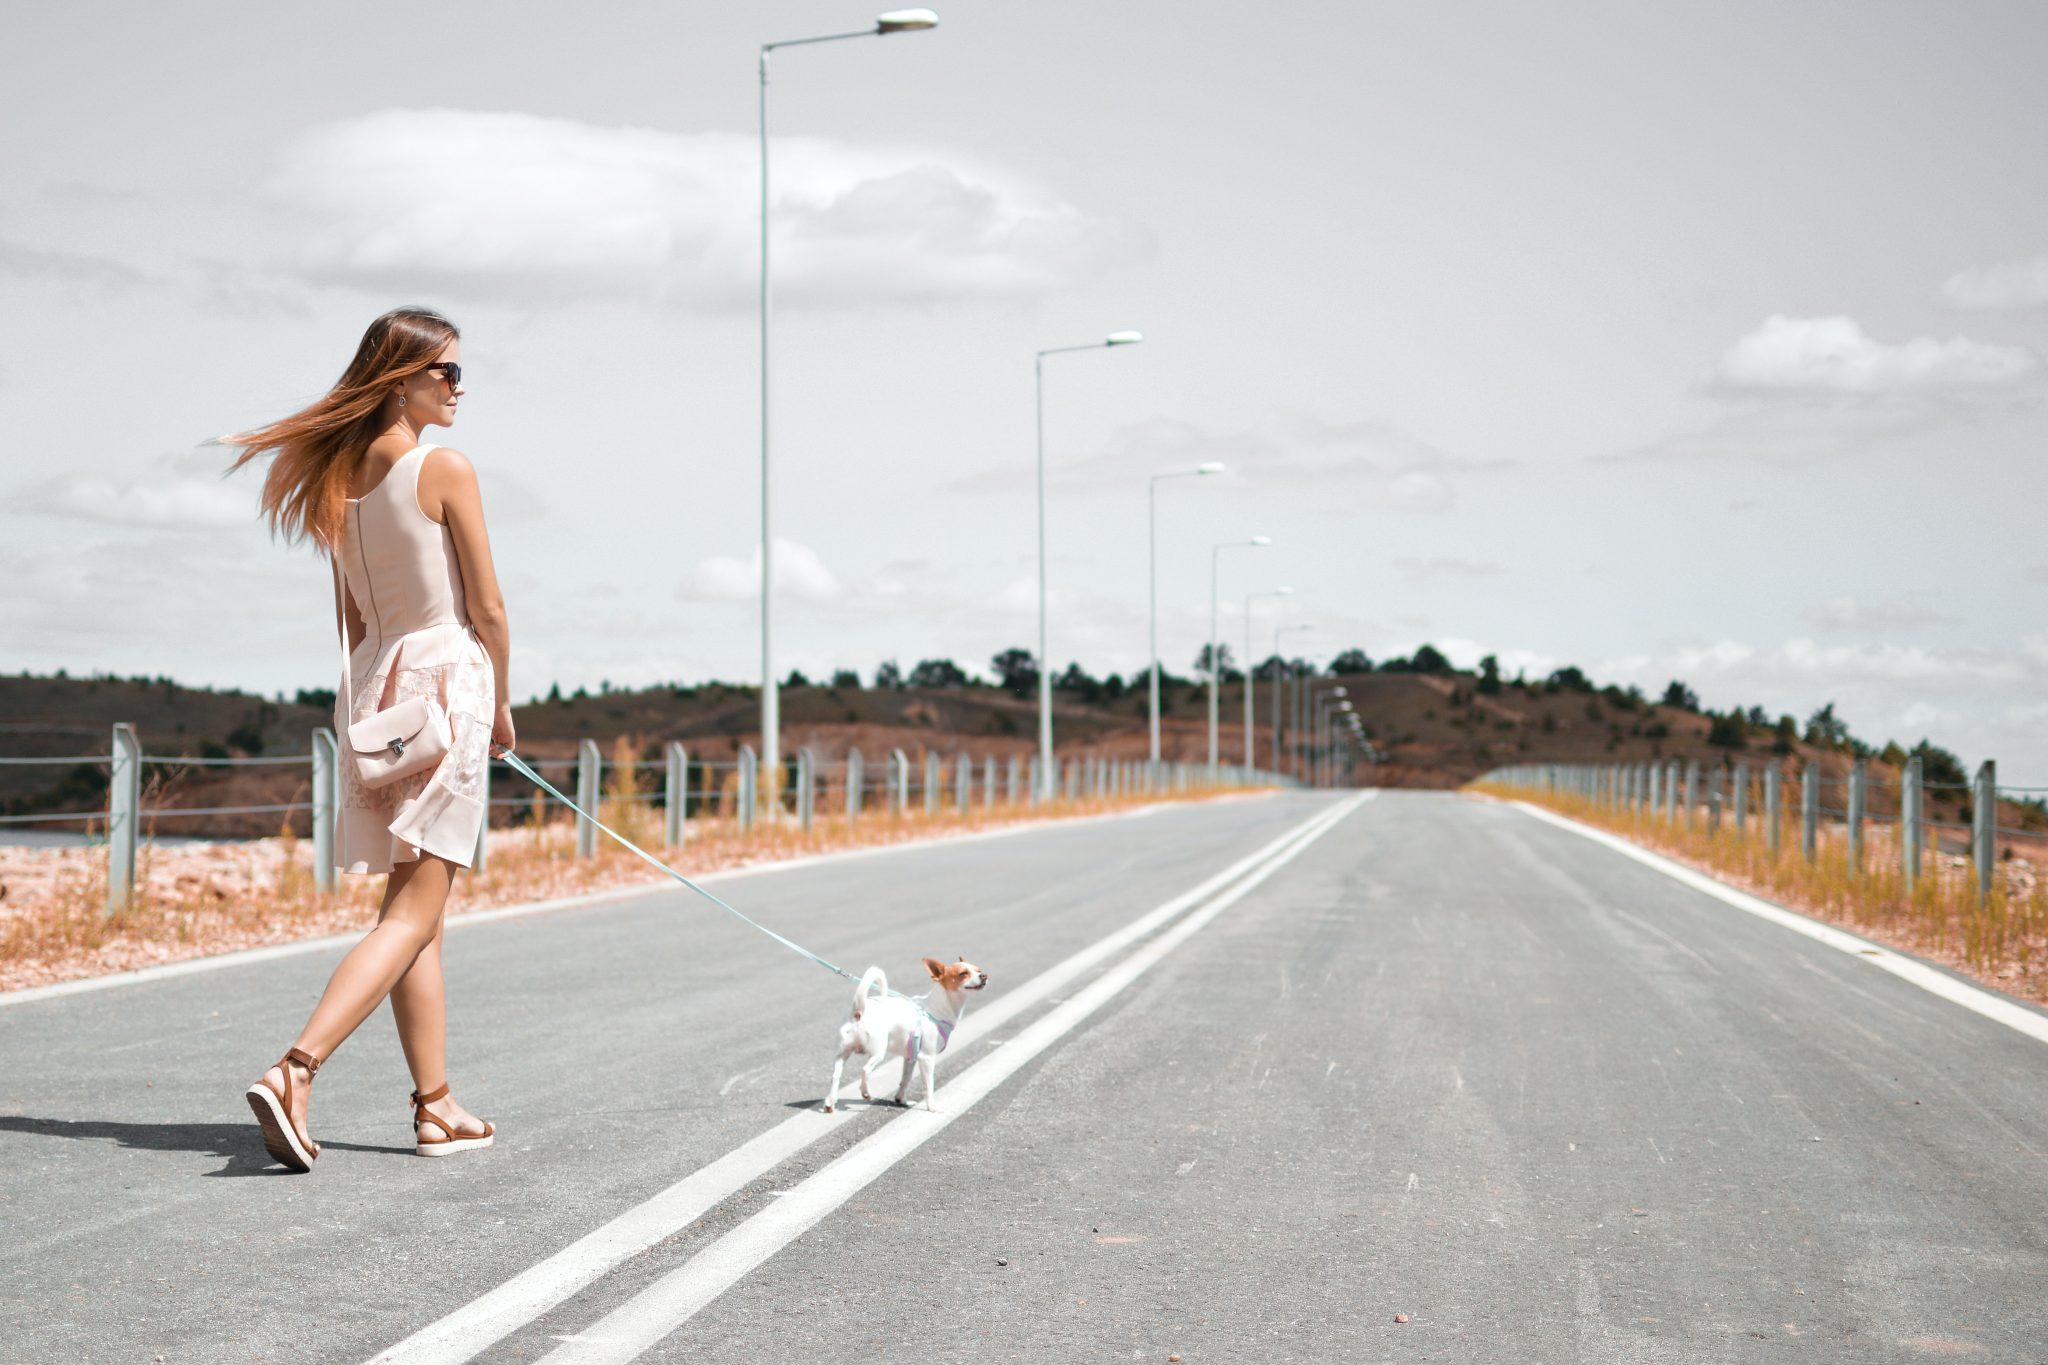 Le nuove abitudini sul Covid 19 come si riflettono sui nostri cani